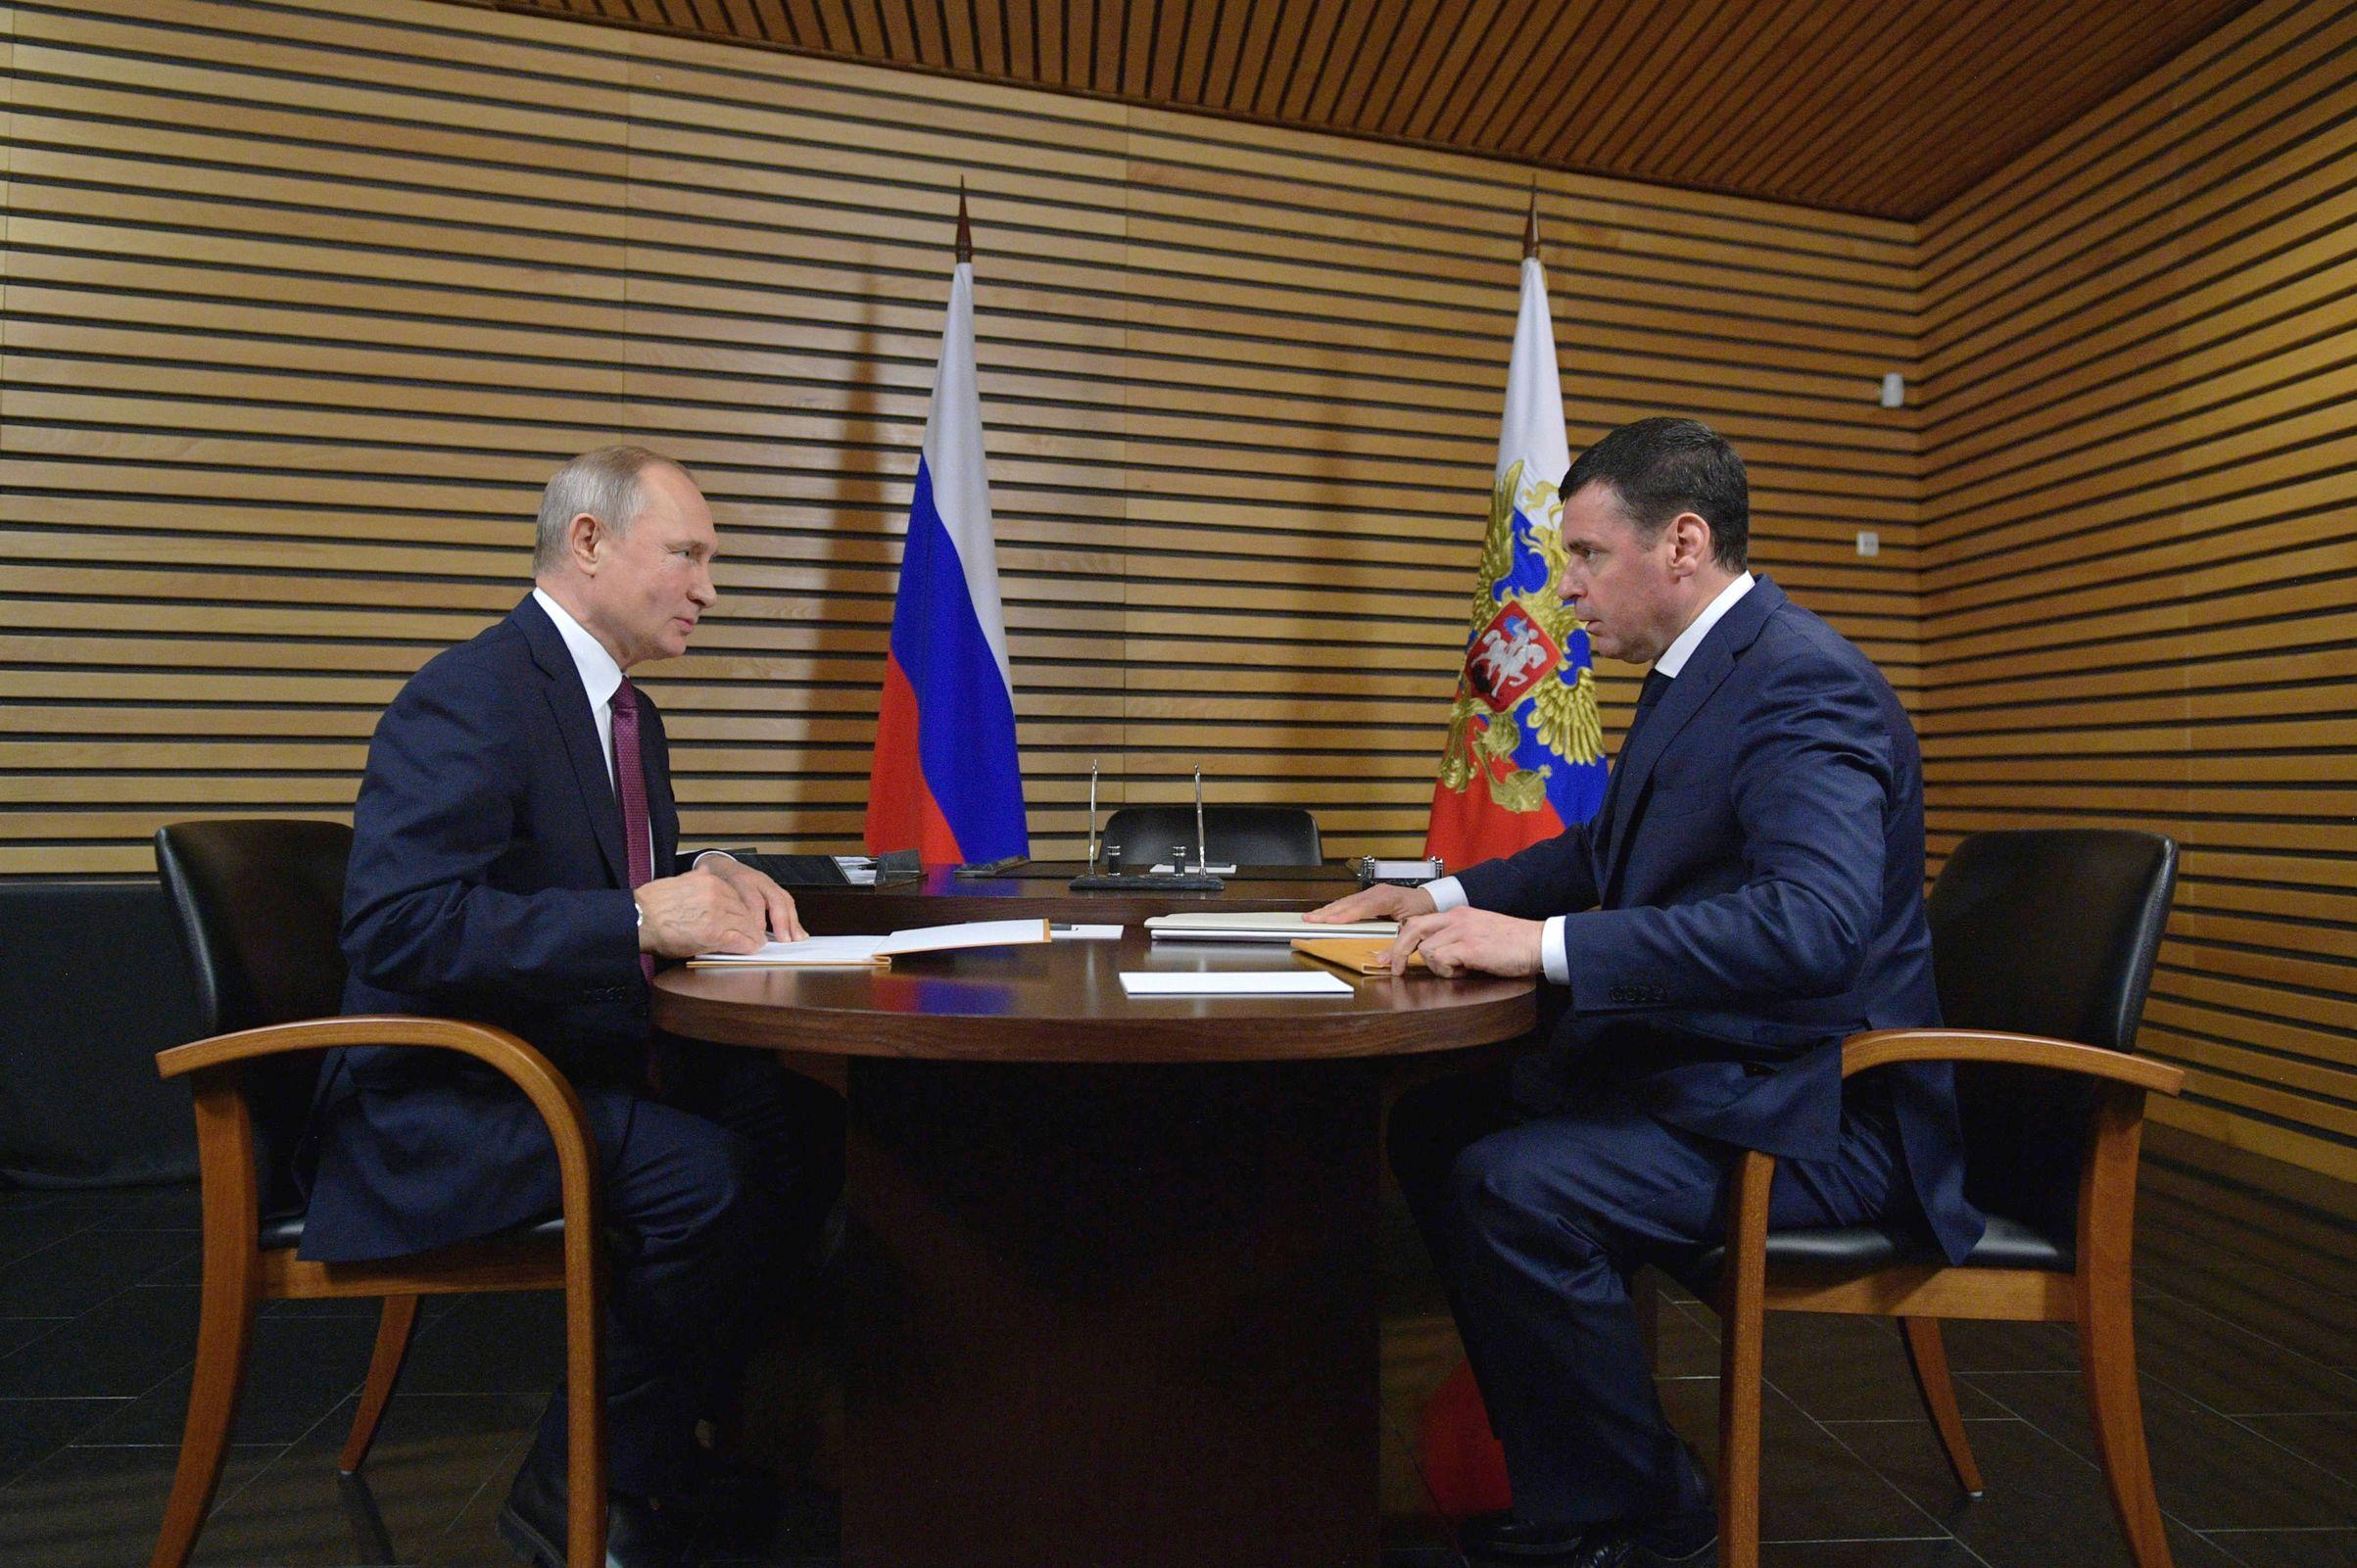 Дмитрий Миронов: «Осталось совсем немного времени до голосования, а внесённые поправки должны получить оценку Конституционного суда»